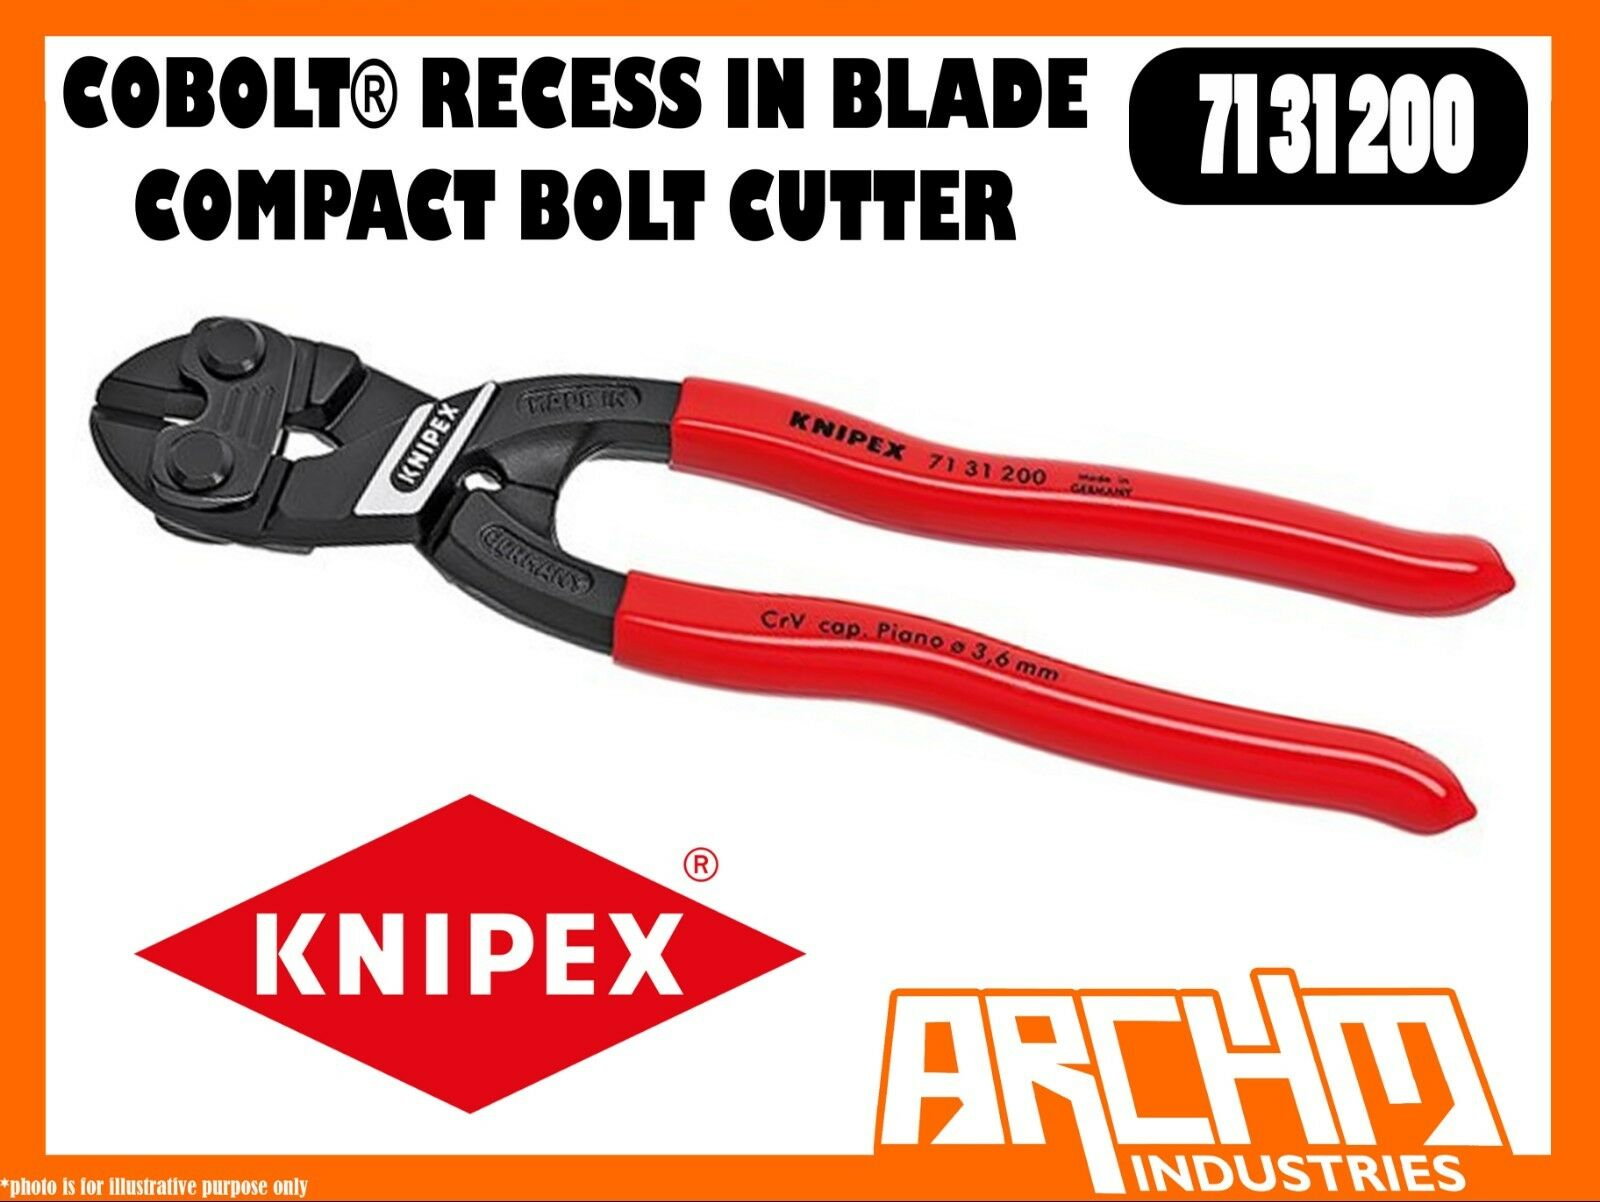 KNIPEX 7131200 - COBOLT® - COMPACT BOLT CUTTER RECESS IN BLADE - 200MM